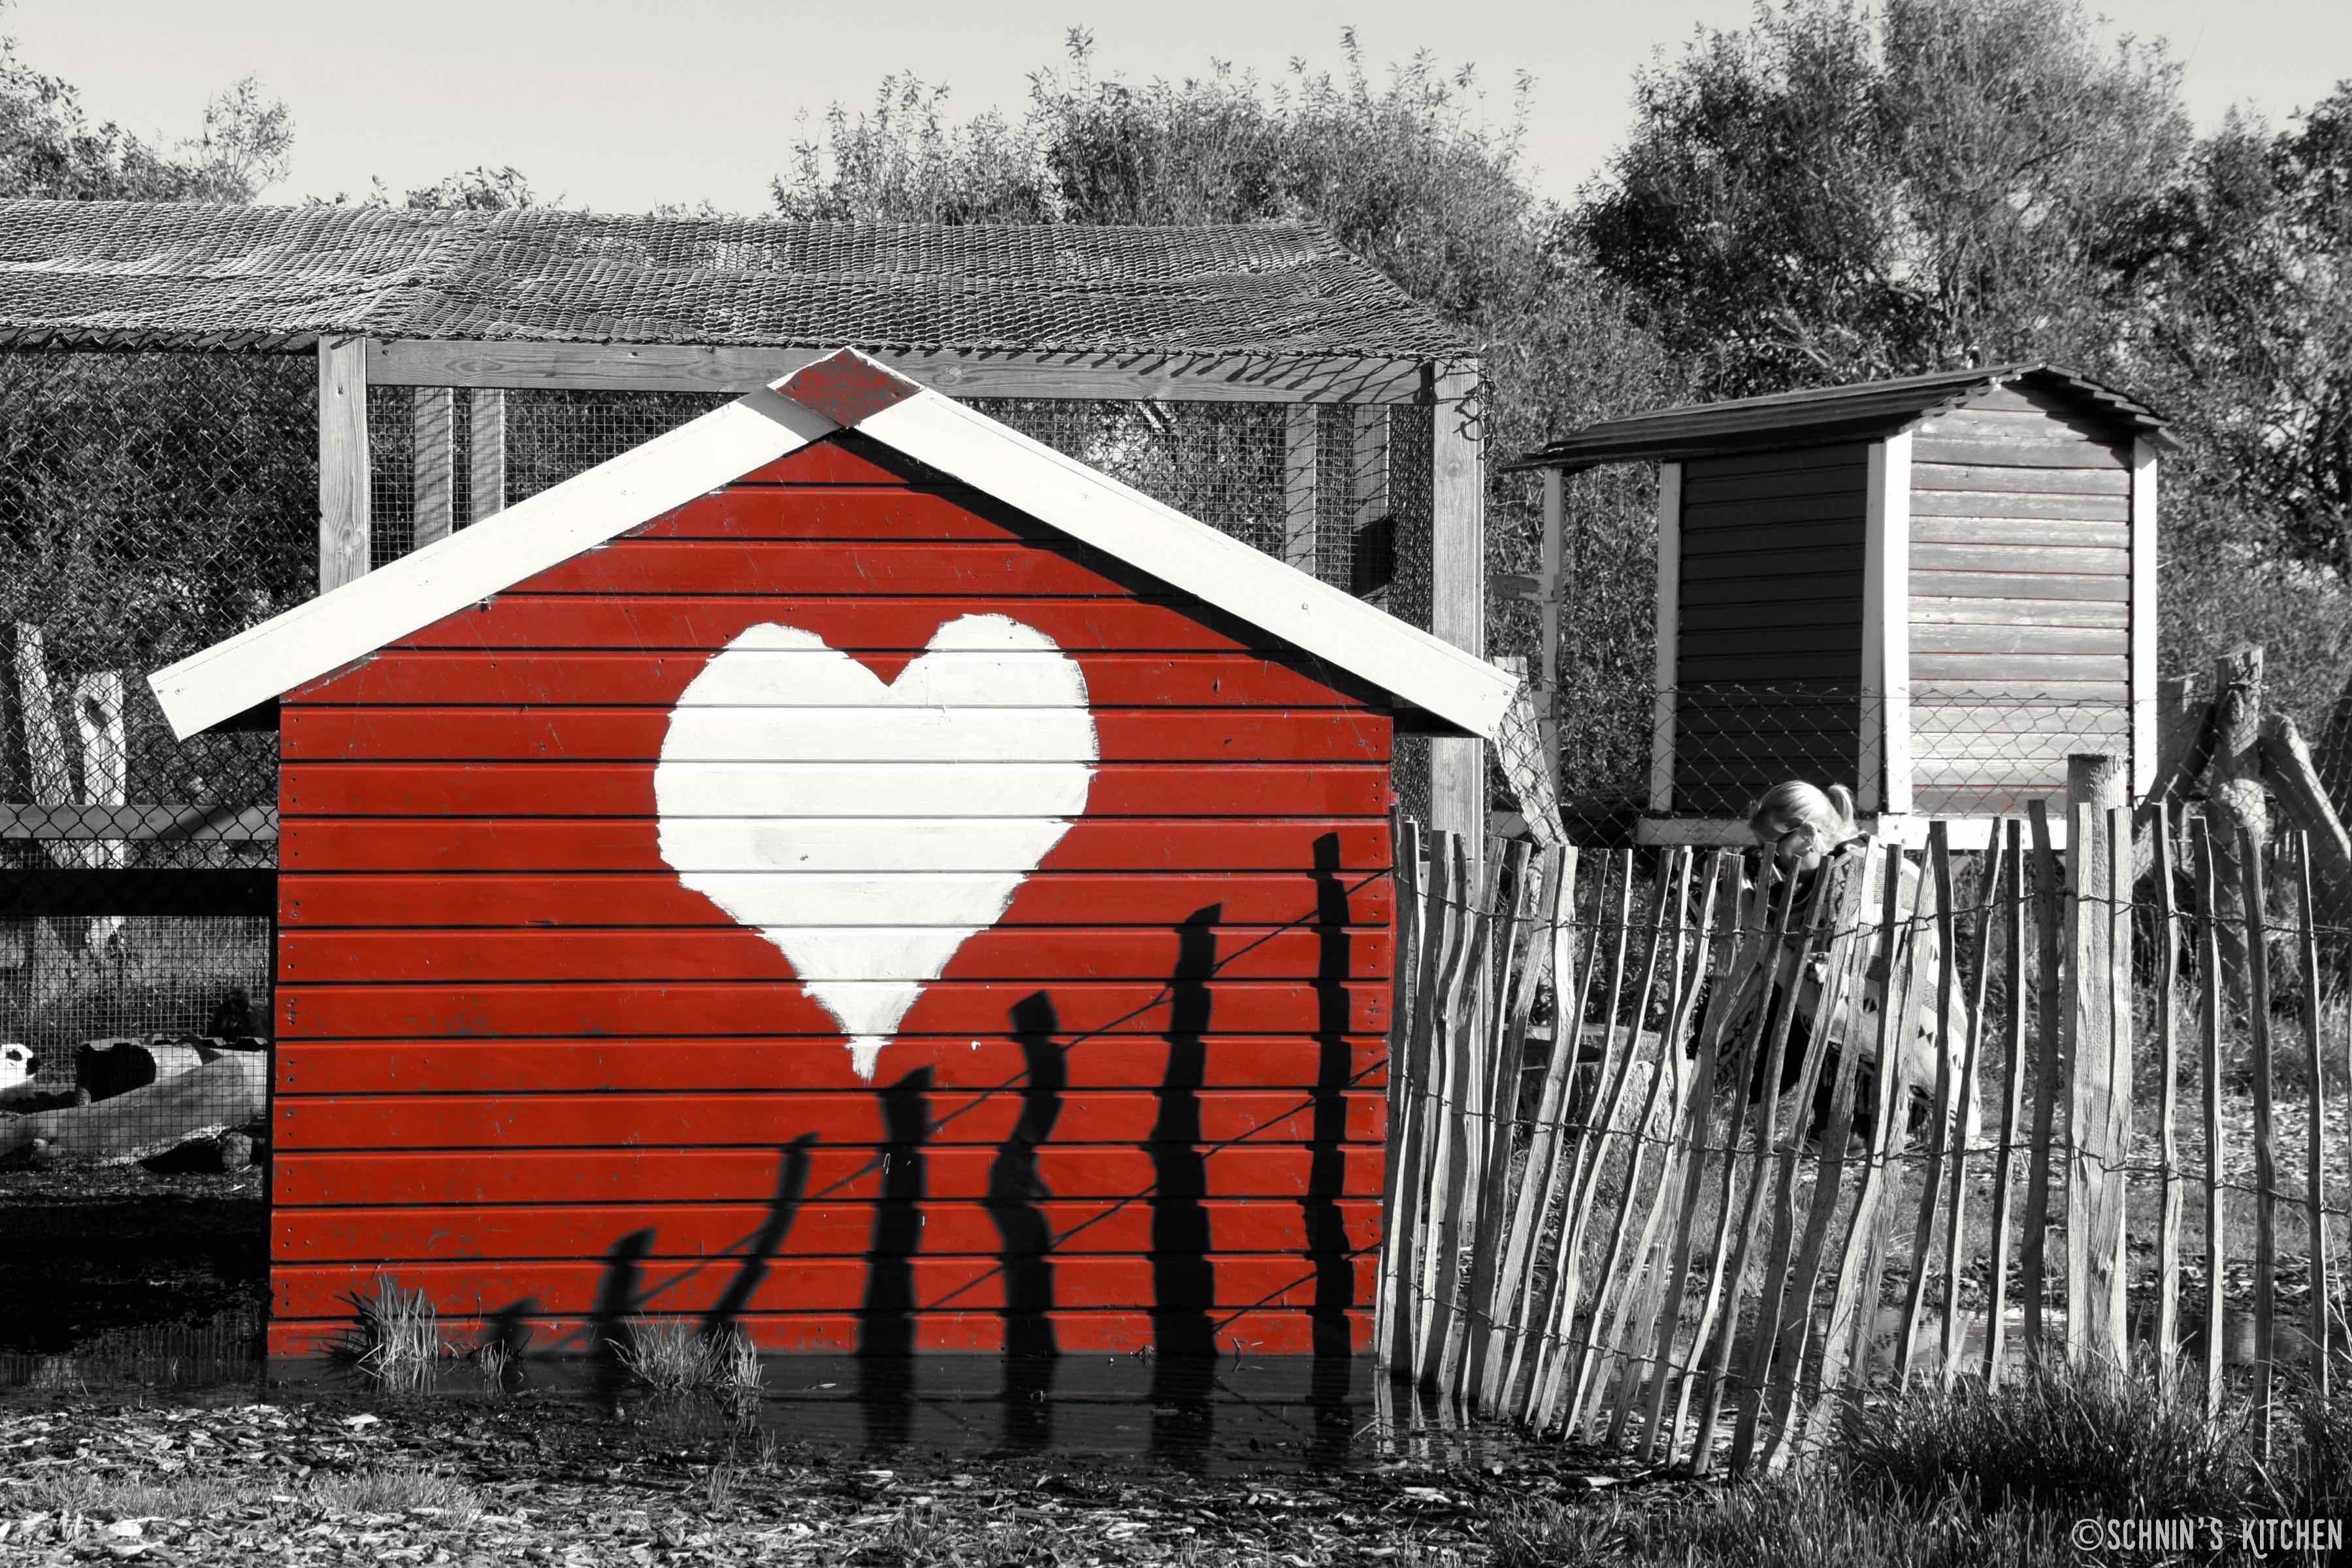 Schnin's Kitchen: Bloggen mit Herz auf Föhr